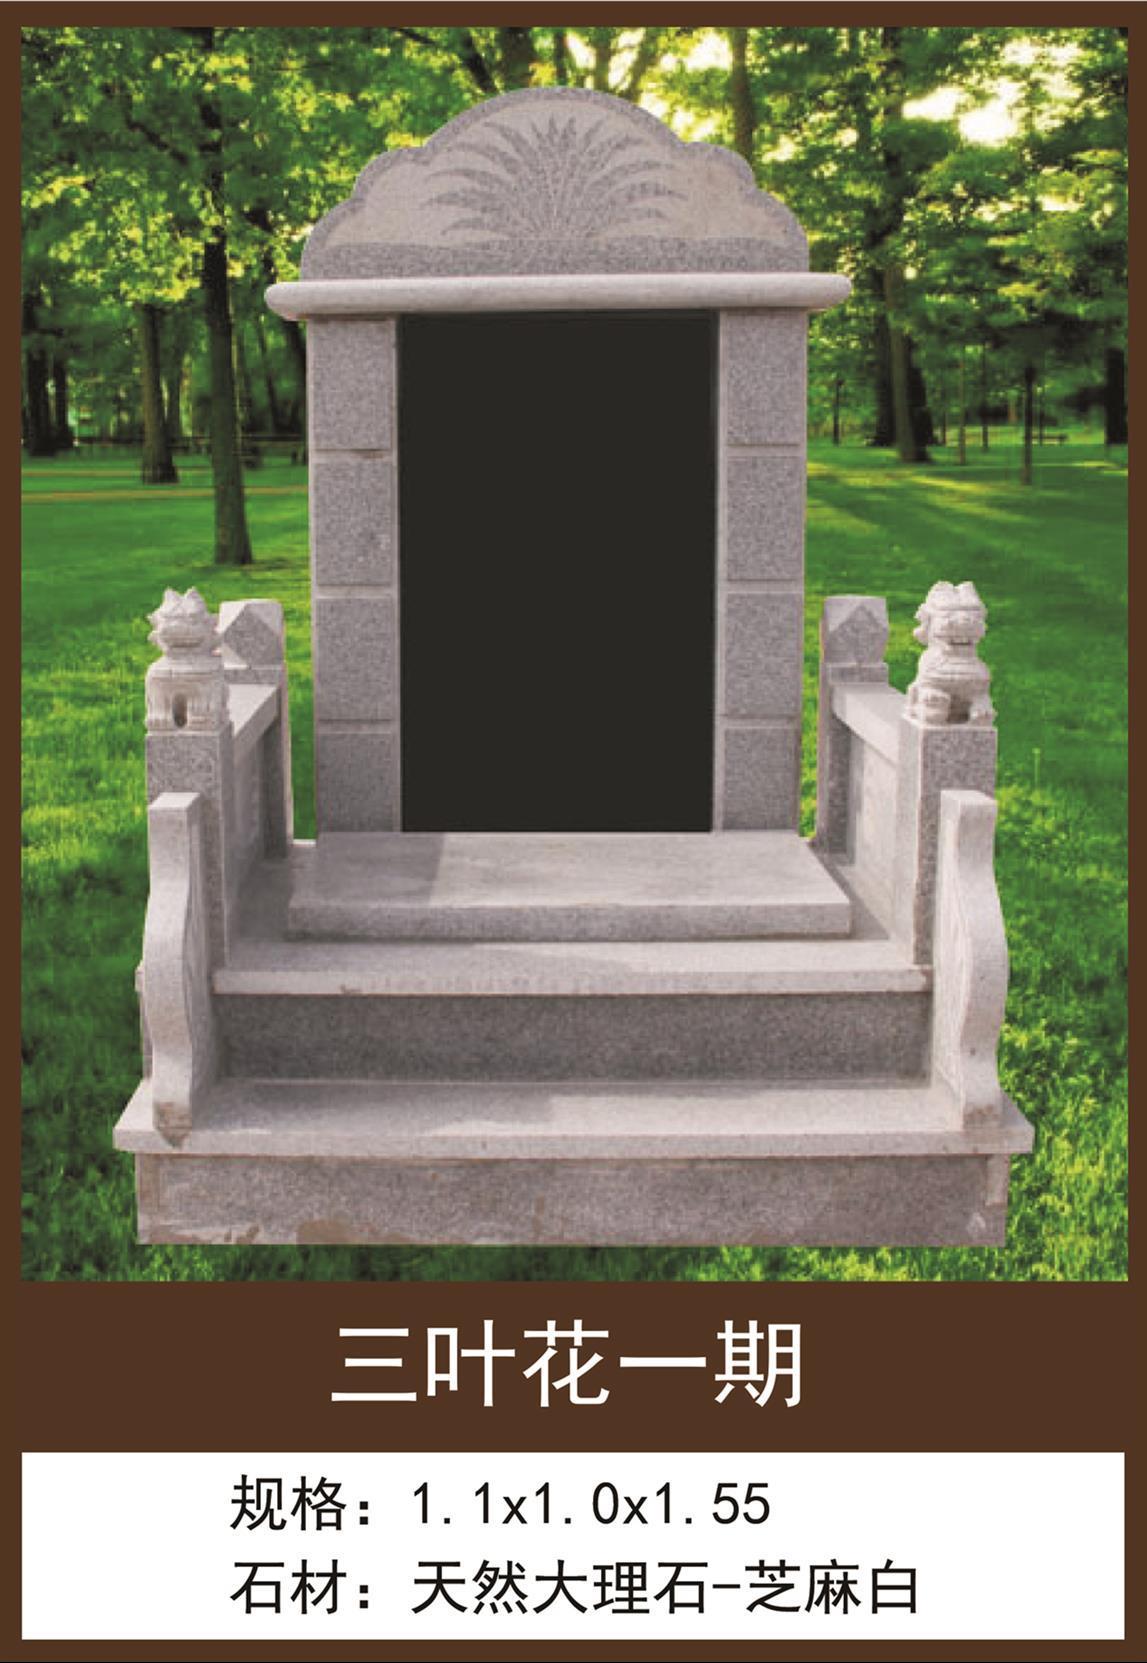 新疆销售墓地销售